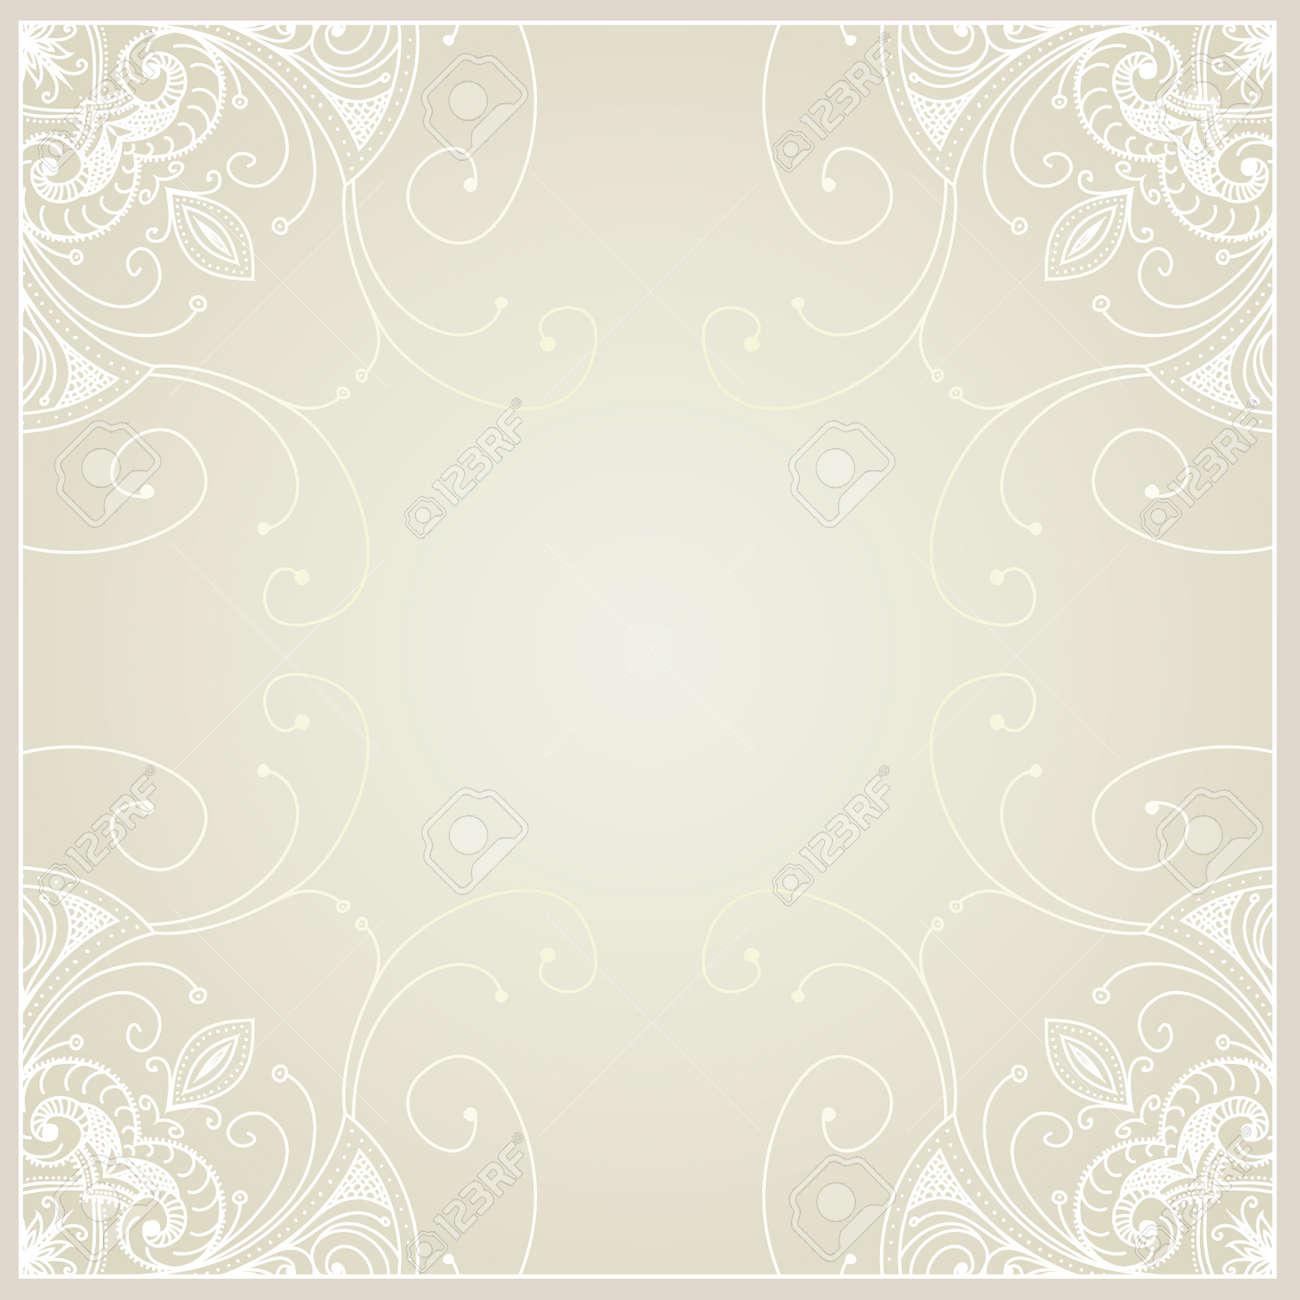 Abstracto Con Diseño Del Marco Geométrico Ornamental Floral Del ...